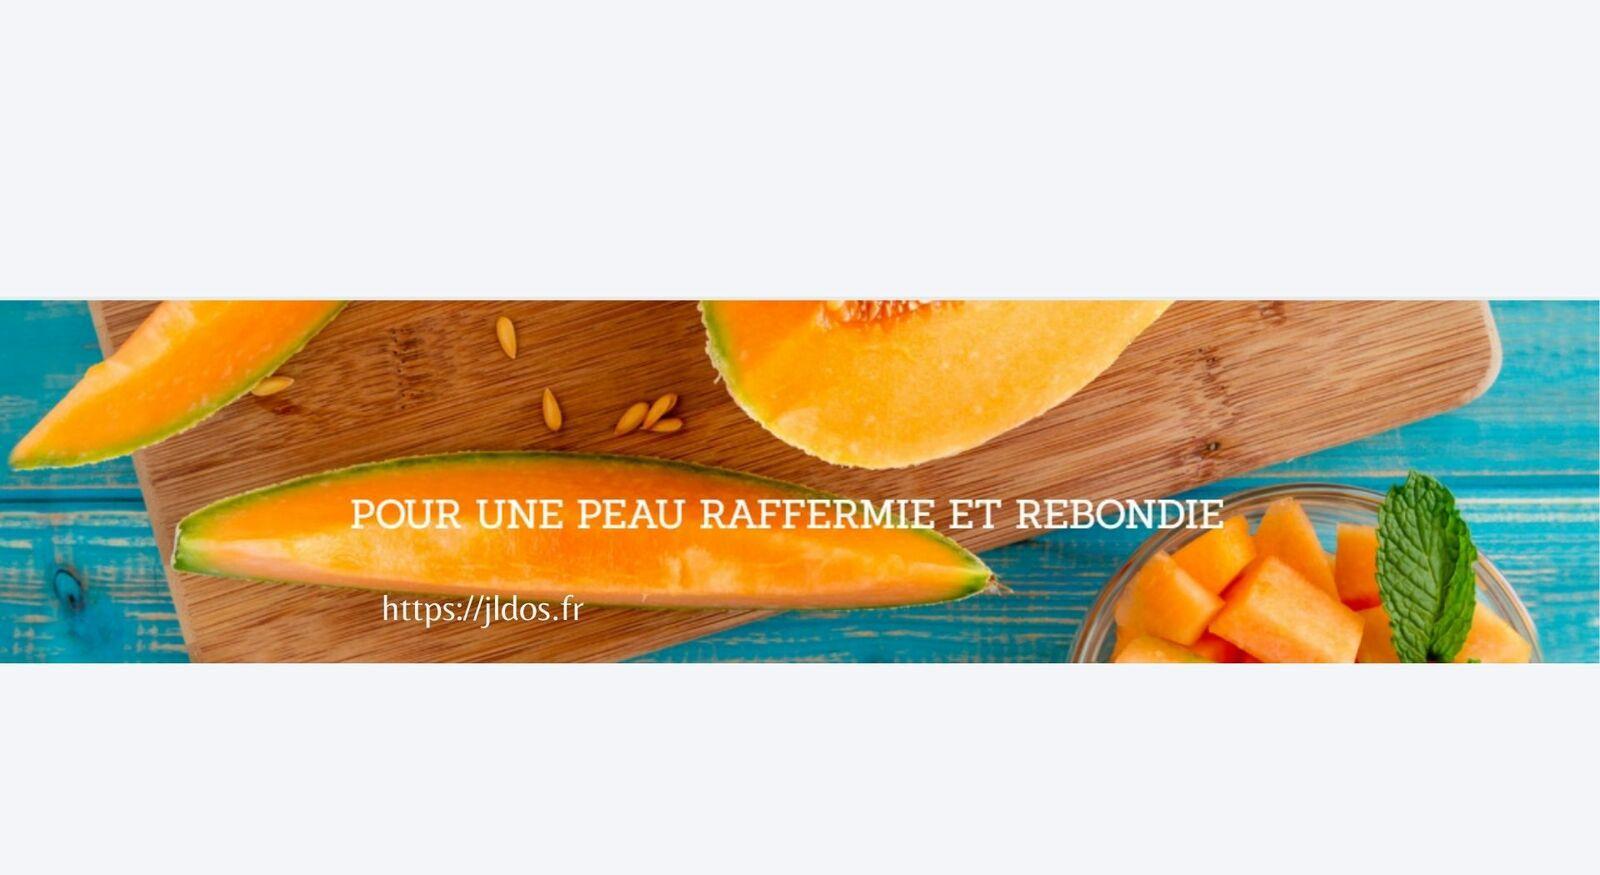 SOINS ANTI-ÂGE RÉINVENTÉS – GRÂCE AUX VERTUS DU MELON